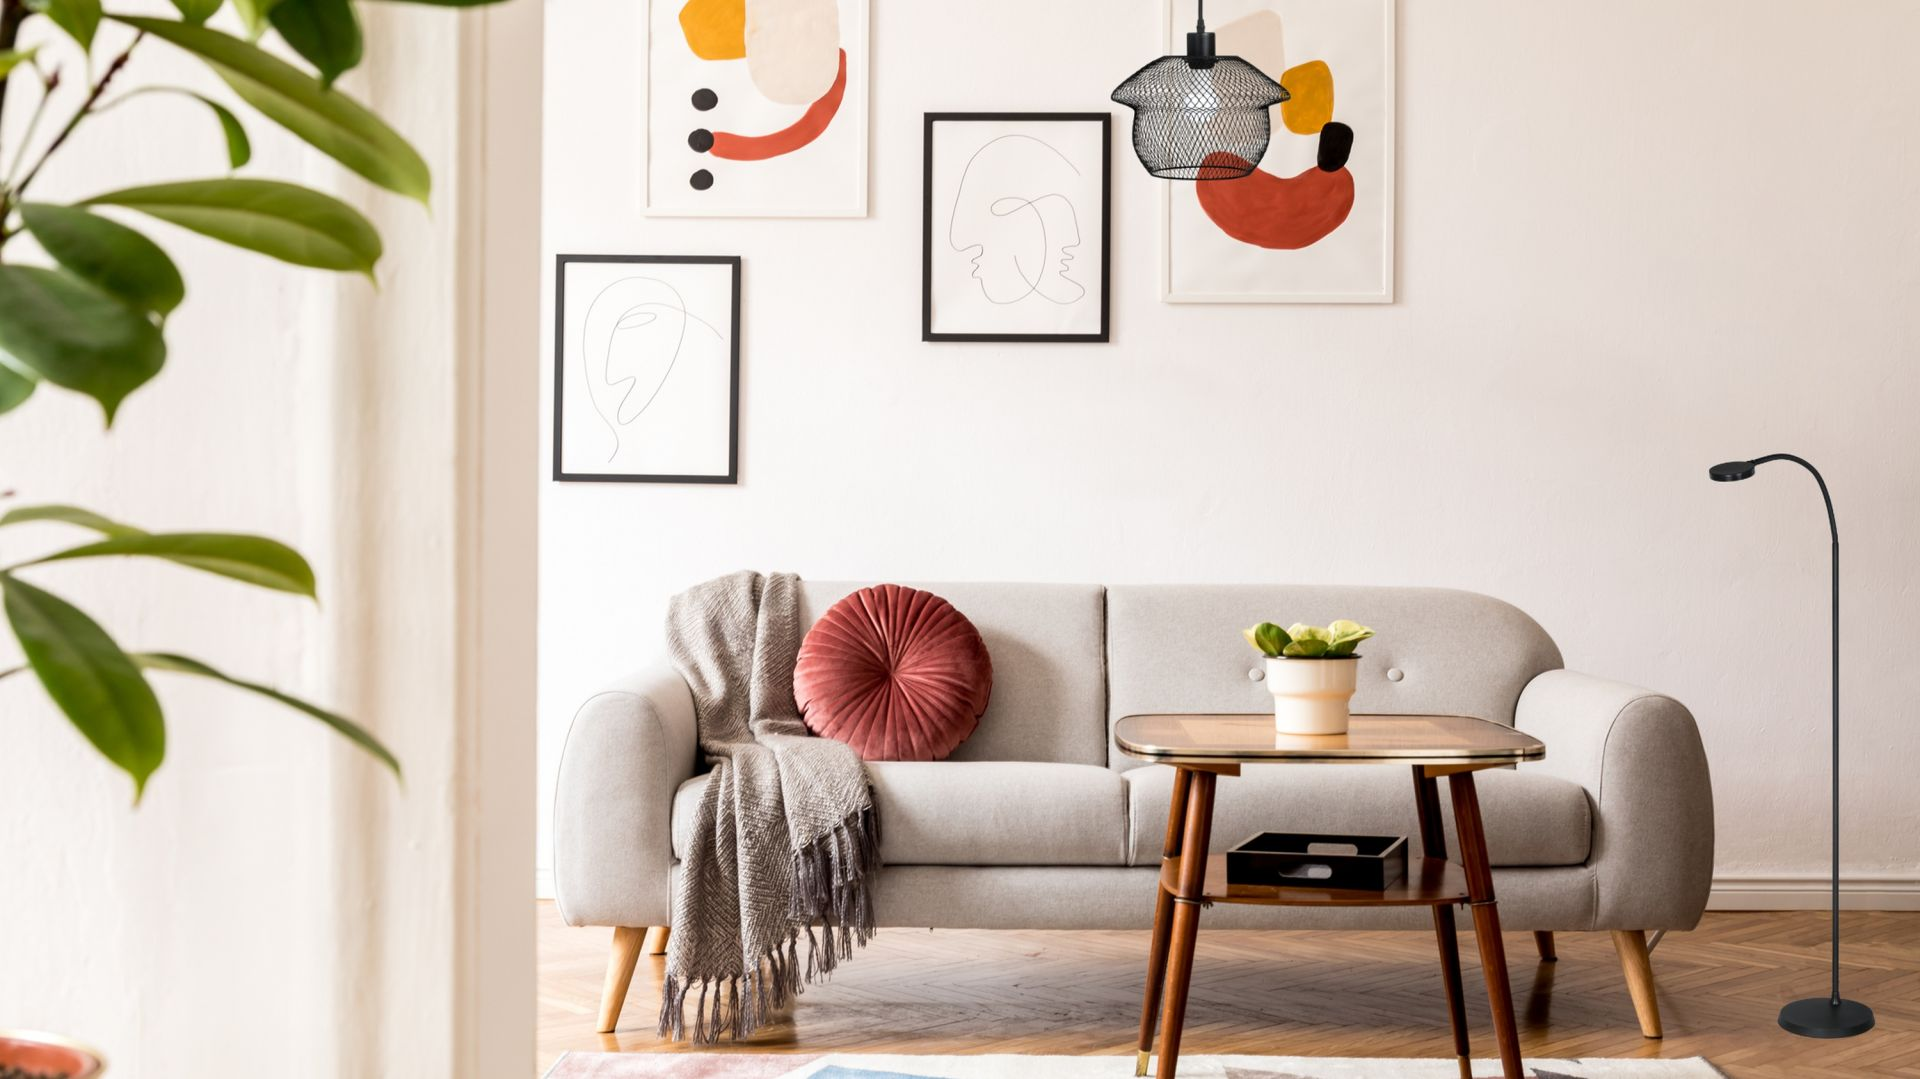 Lampa może zachwycać swoim wyglądem, może zwracać na siebie uwagę i stanowić centralny punkt wnętrza. Lampa Activejet Coco dostępna w cenie 229 zł